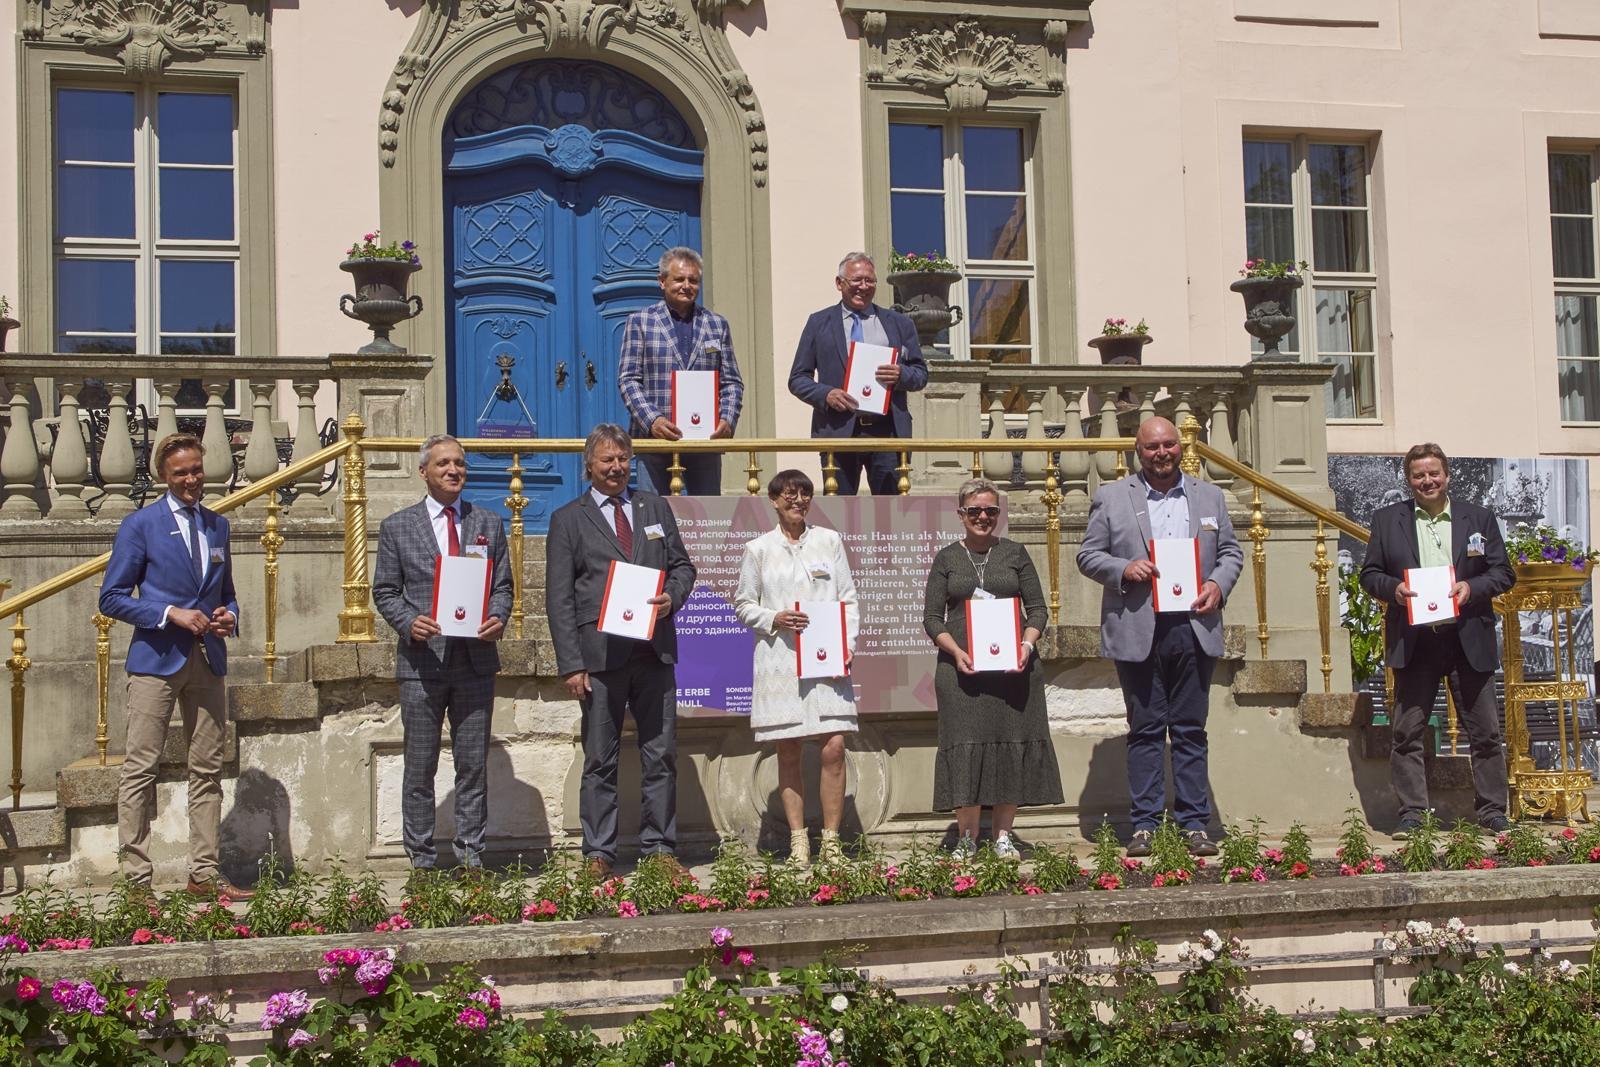 Gruppenbilder der Projektpartner Europäischer Parkverbund Lausitz mit Vertretern der Euroregion Spree-Neiße-Bober e.V. auf der Branitzer Schlossterrasse